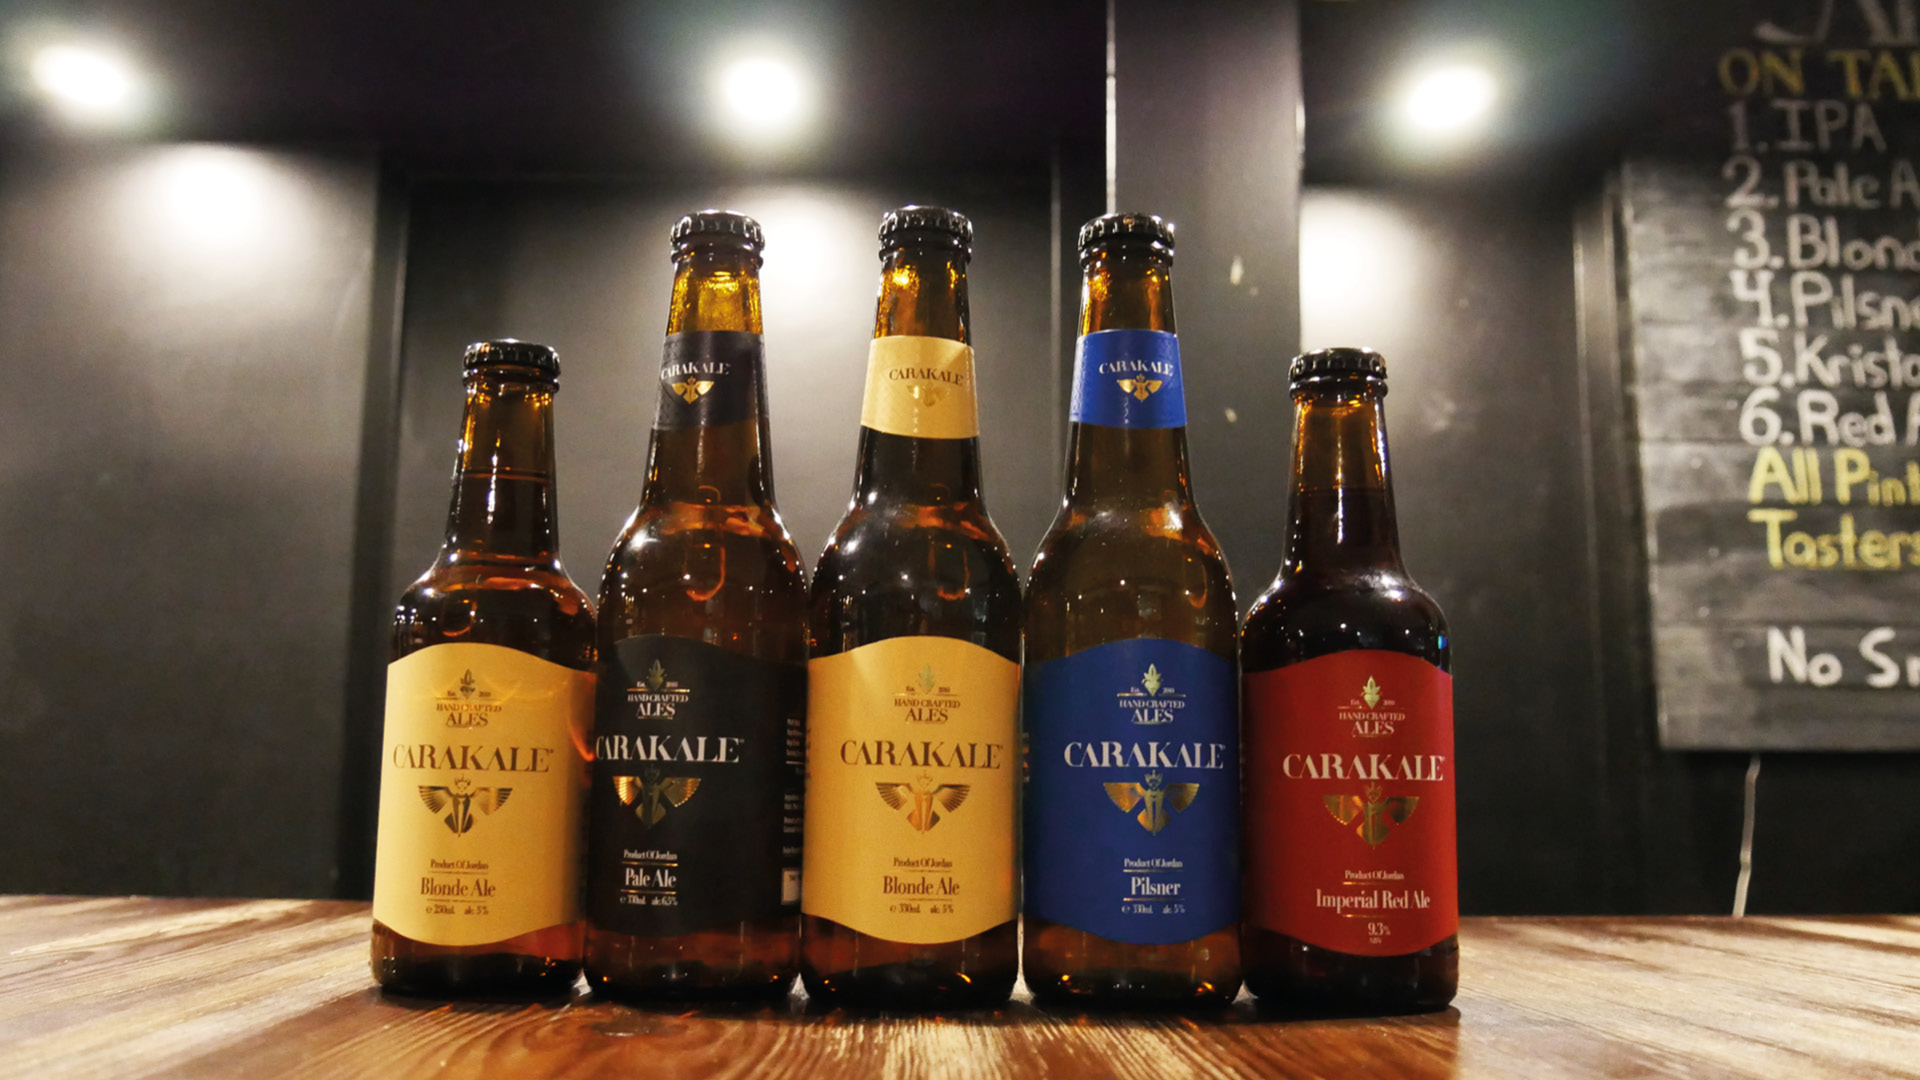 brouwerij amman jordanie